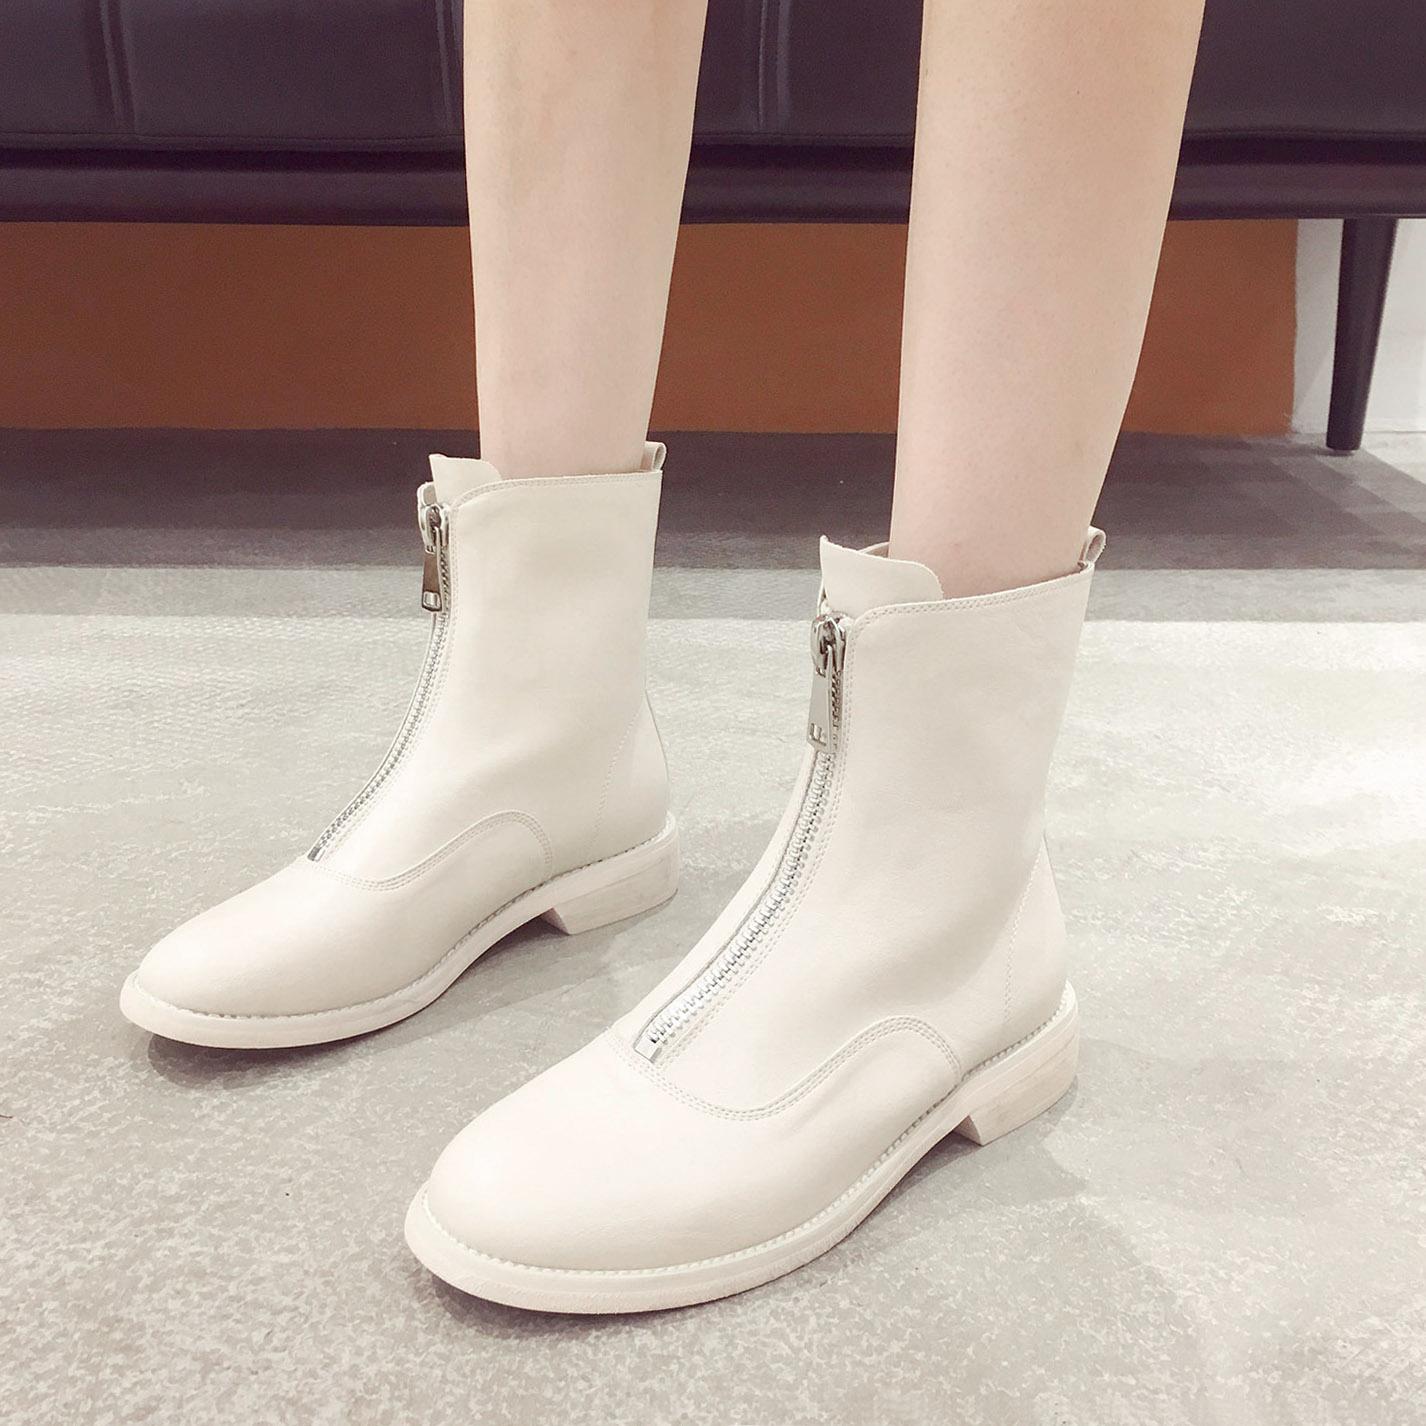 特价短靴女2019新款秋款马丁靴百搭时尚粗跟短筒小香风中跟时装靴